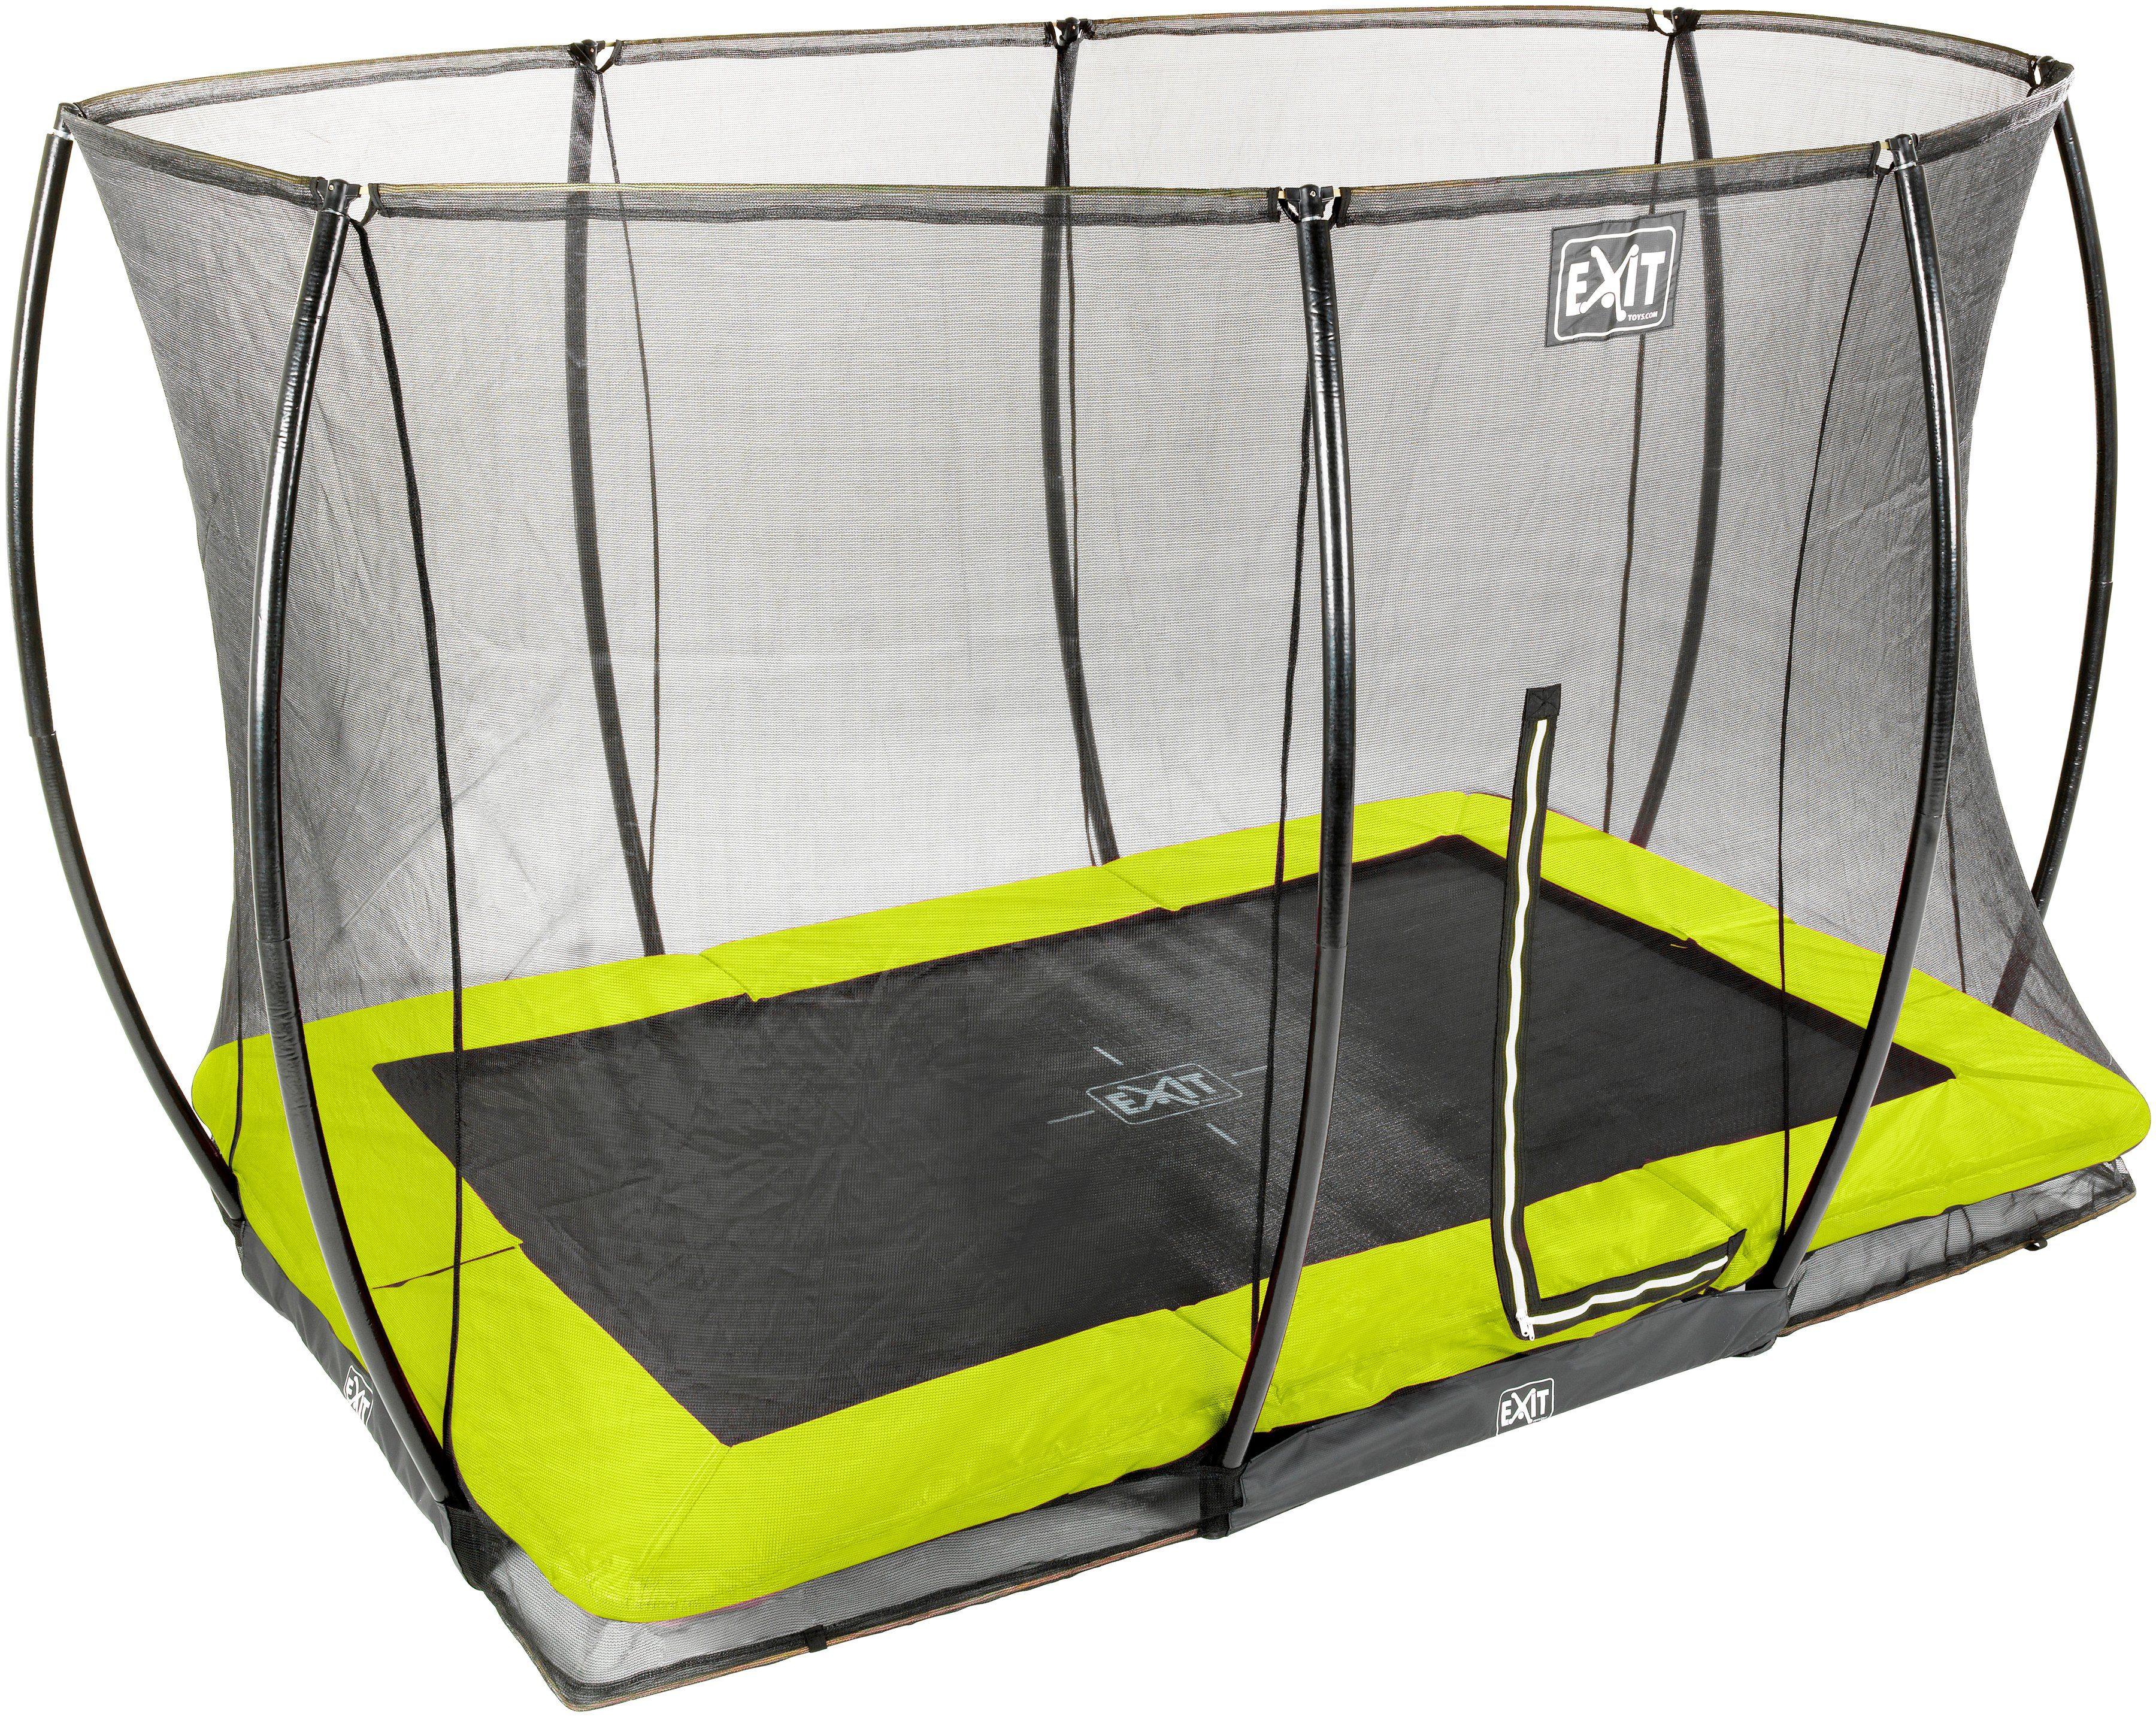 EXIT Trampolin »Silhouette Ground«, BxT: 214x305 cm, mit Sicherheitsnetz Lime grün